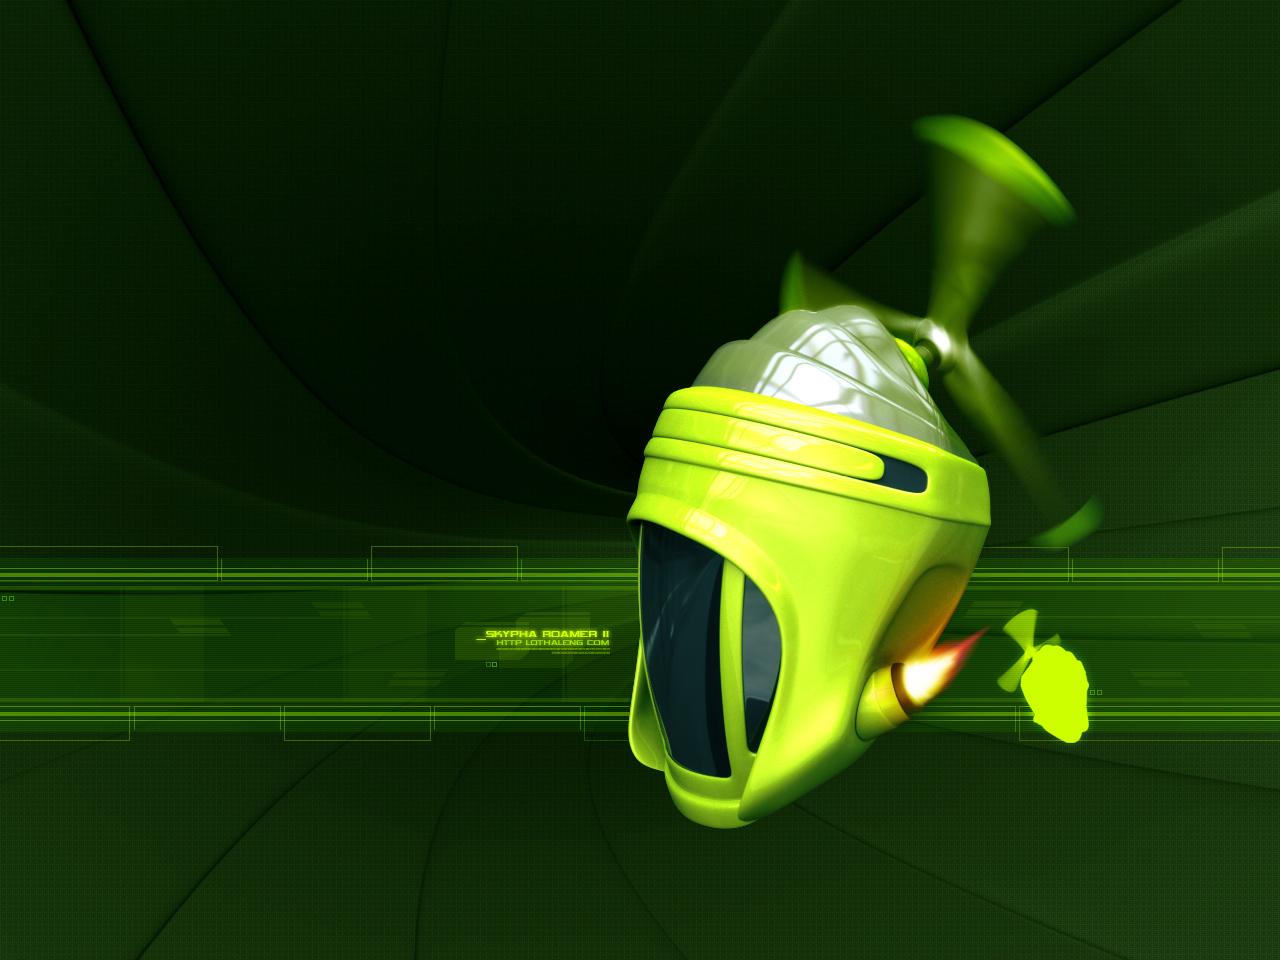 Real wallpapers 3d green robot wallpaper - Robot wallpaper 3d ...